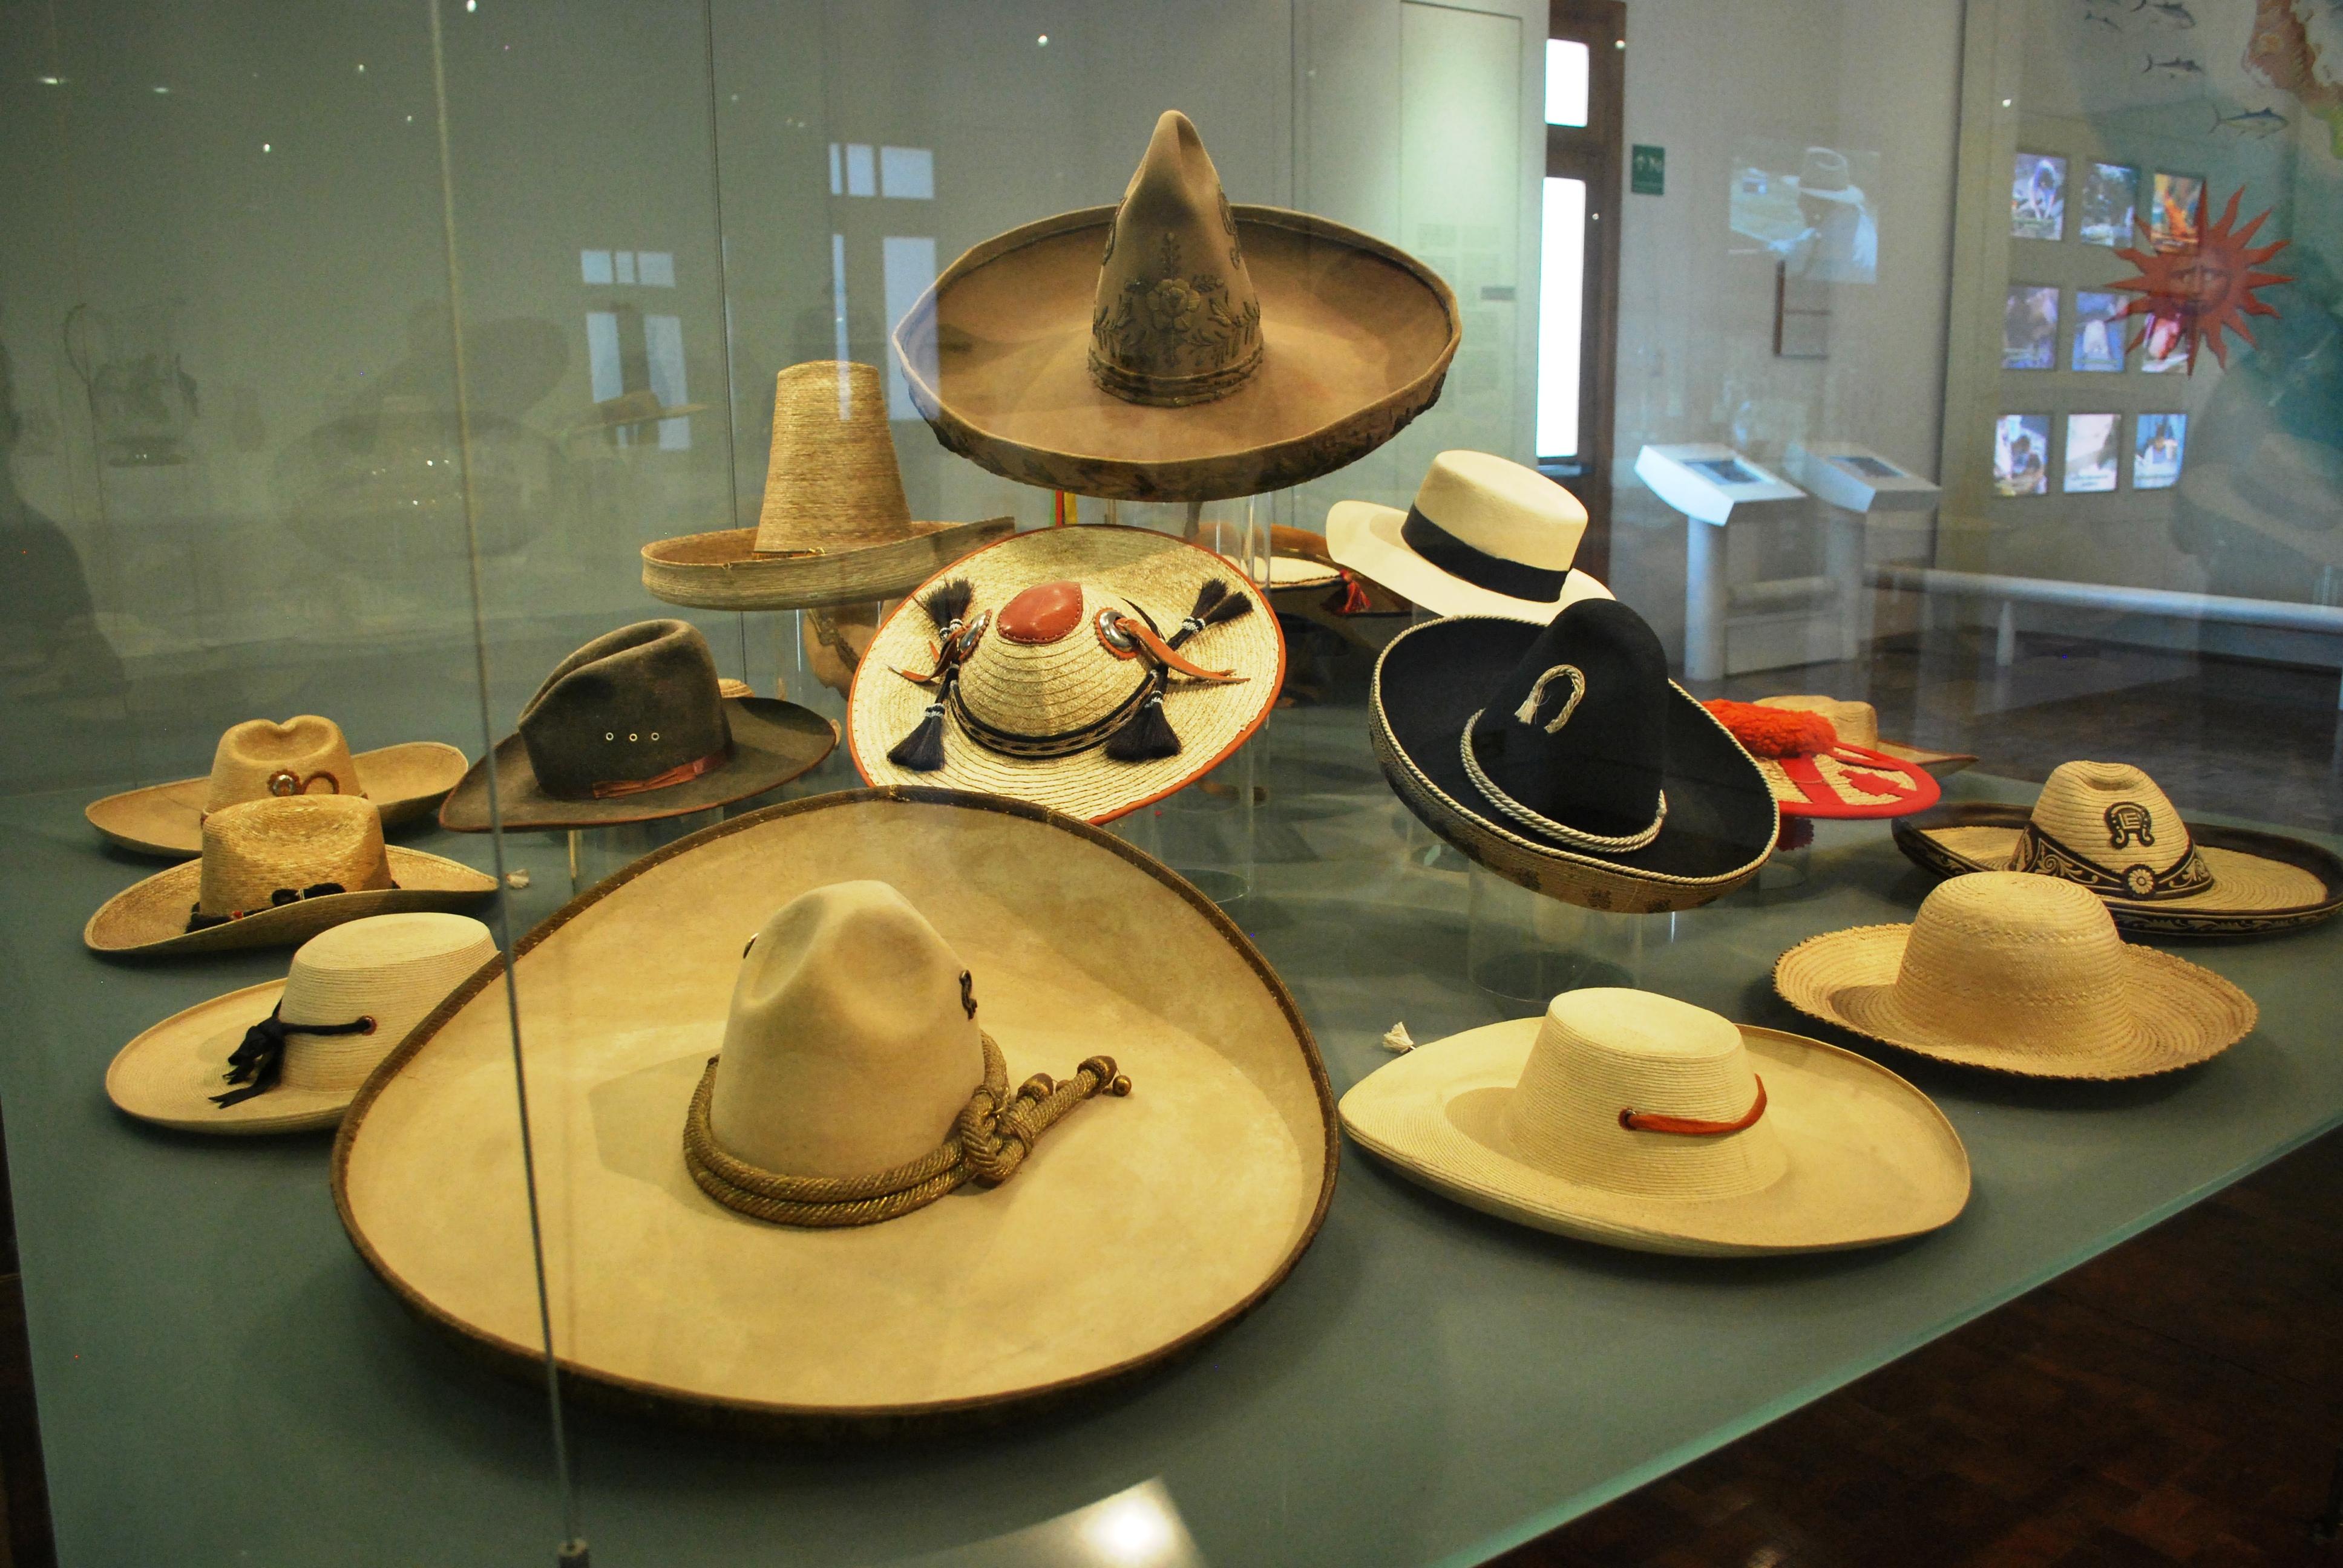 Sombrero - Wikipedia